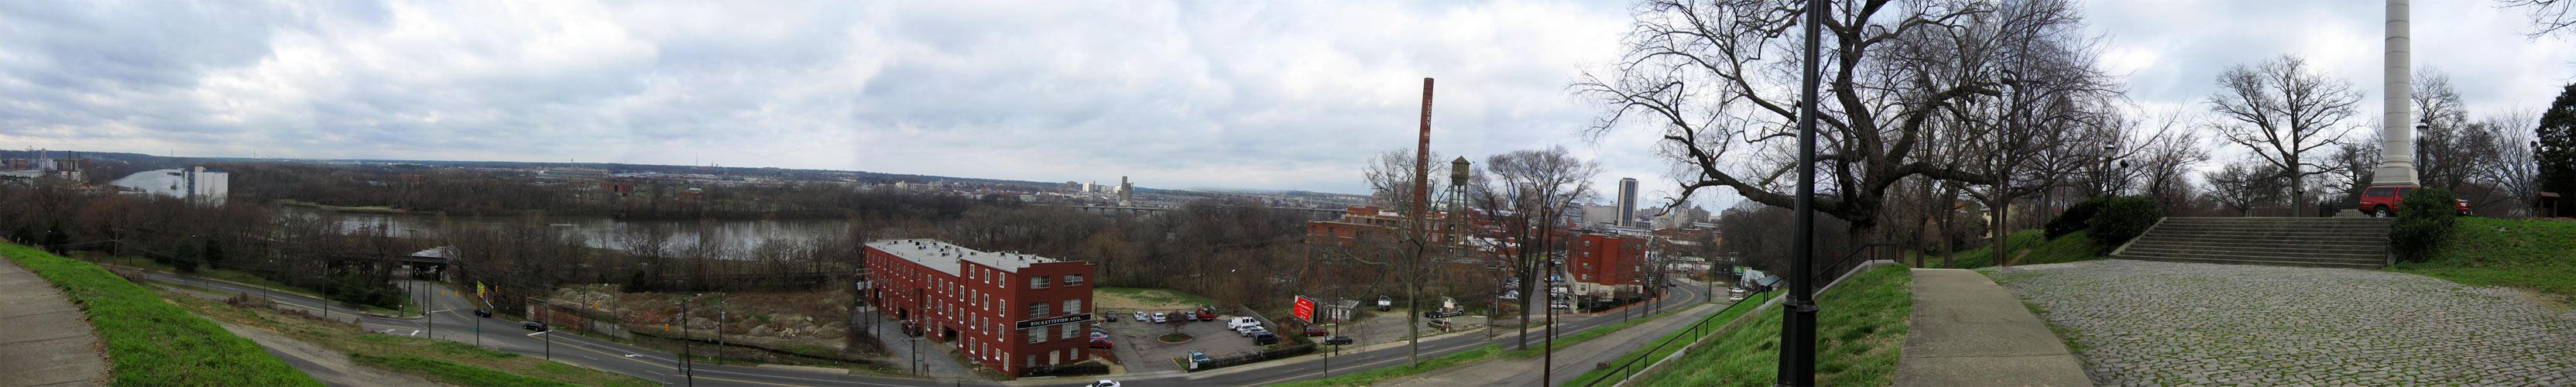 Richmond >> Panorama, Richmond, Virginia